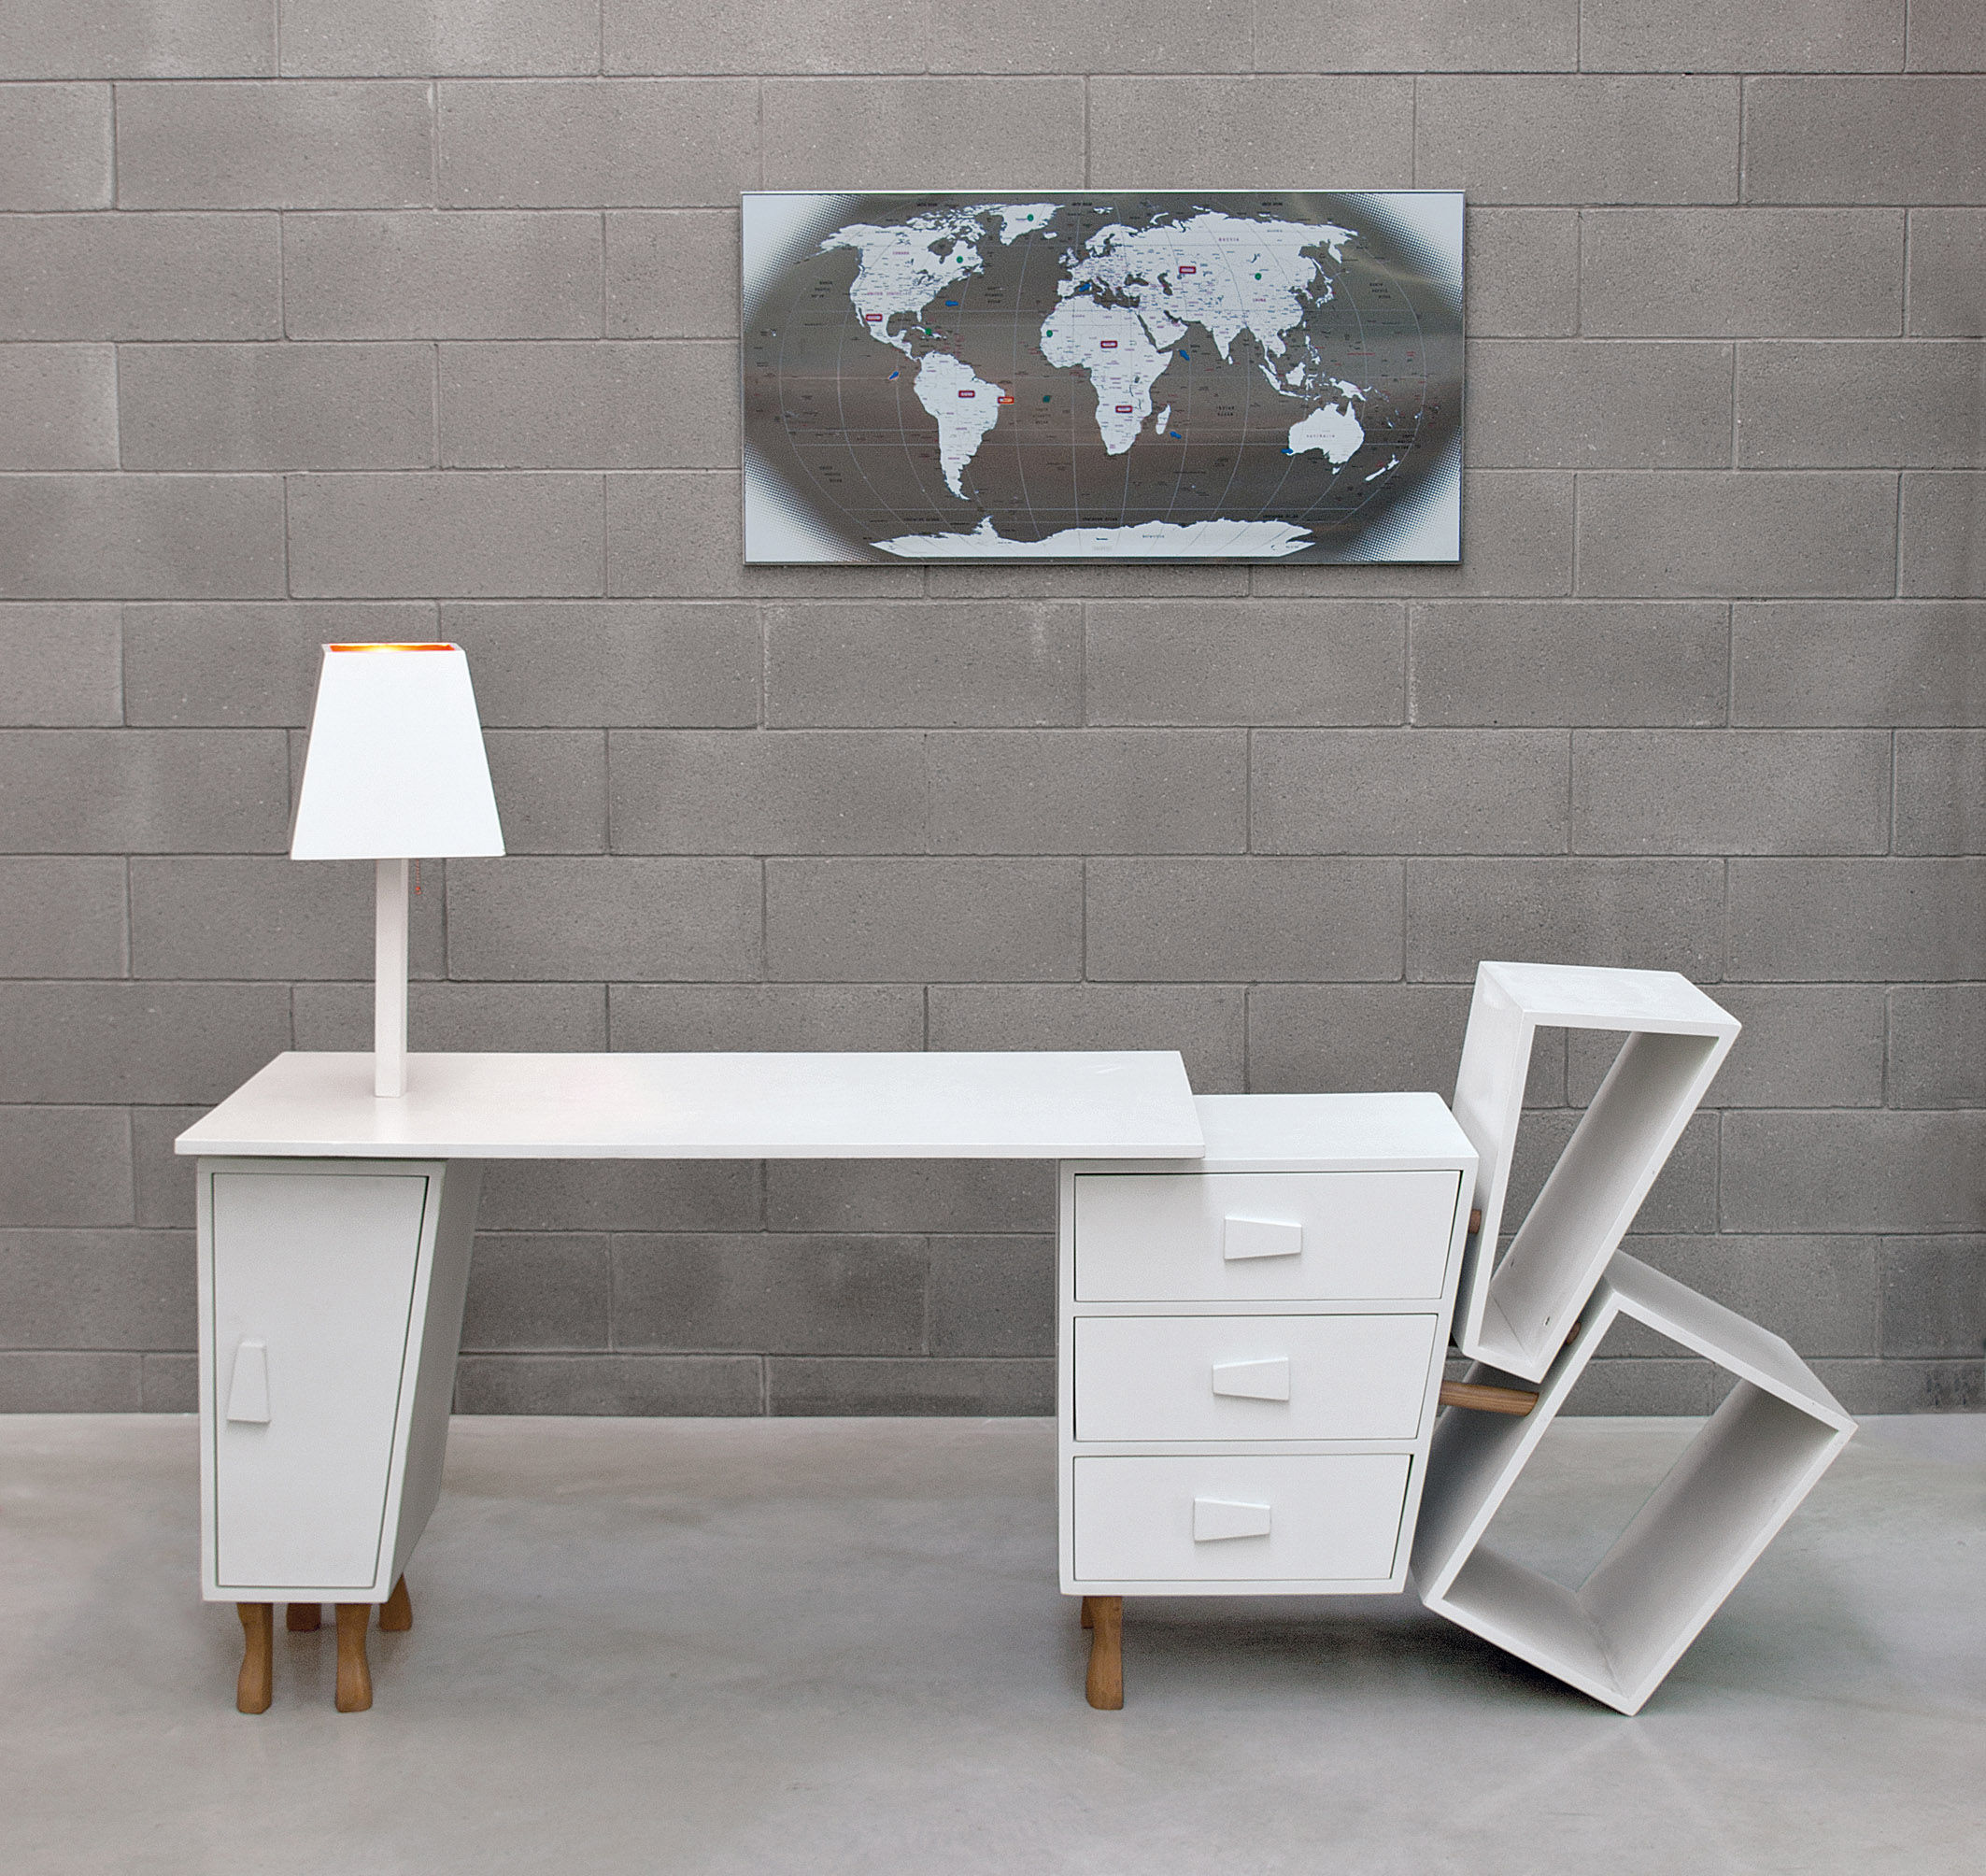 kenn mit ausziehbarer tischplatte inkl stauf chern. Black Bedroom Furniture Sets. Home Design Ideas